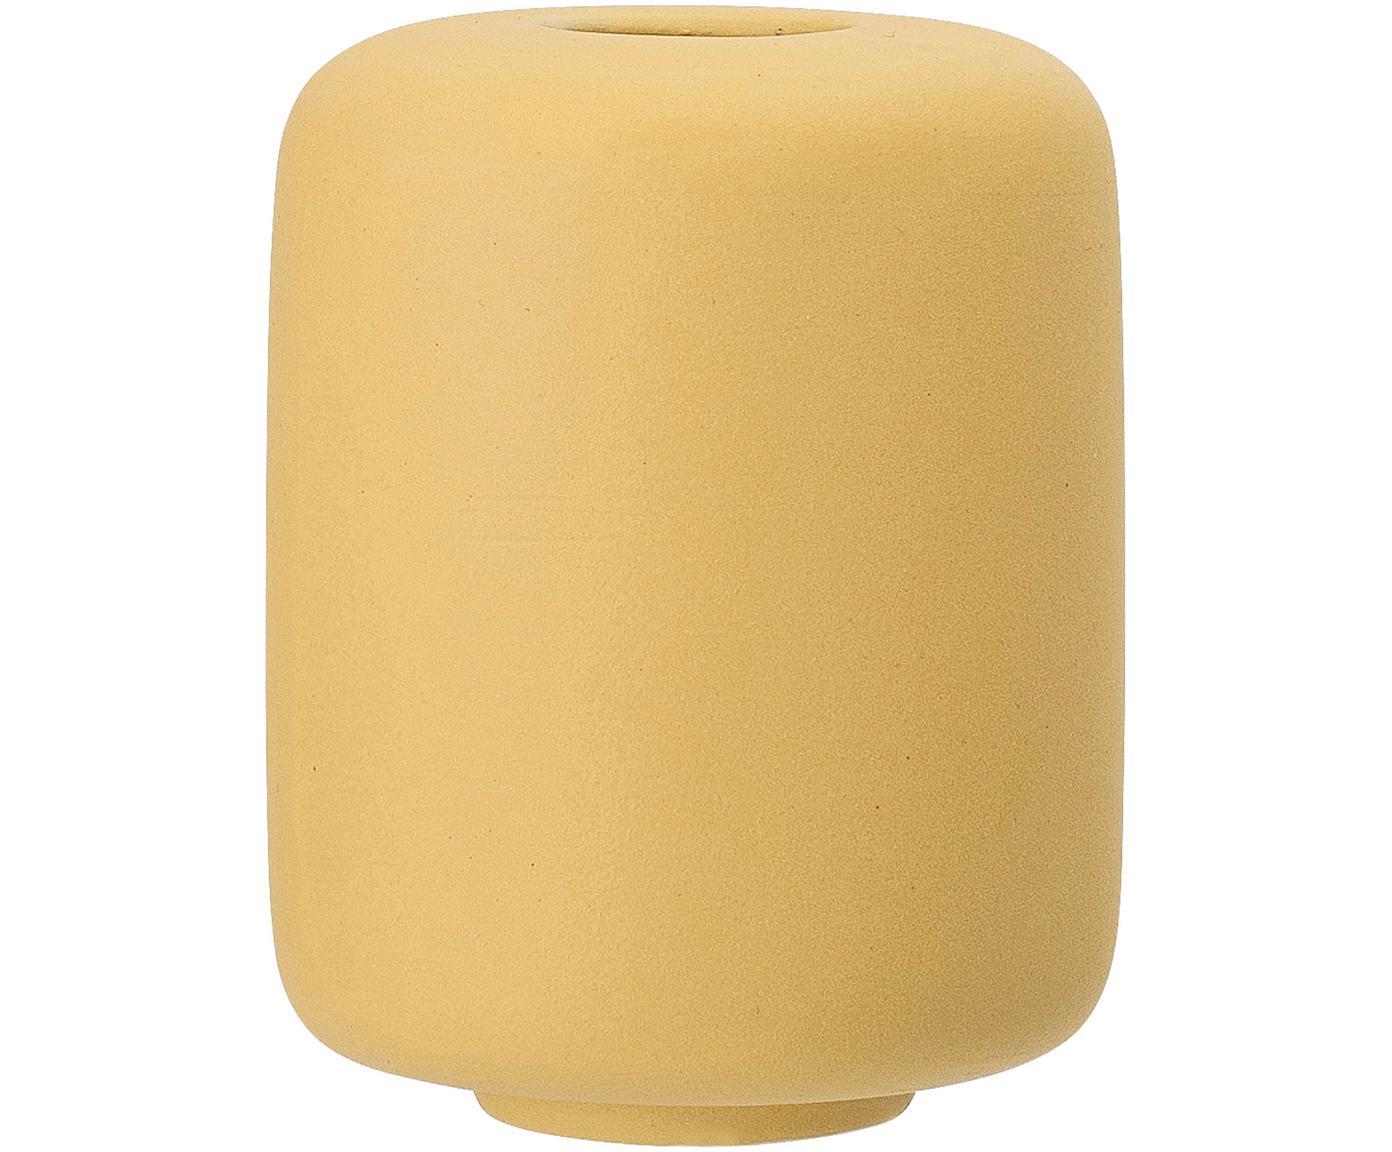 Mały wazon z ceramiki Victoria, 2 szt., Ceramika, Żółty, Ø 9 x W 11 cm